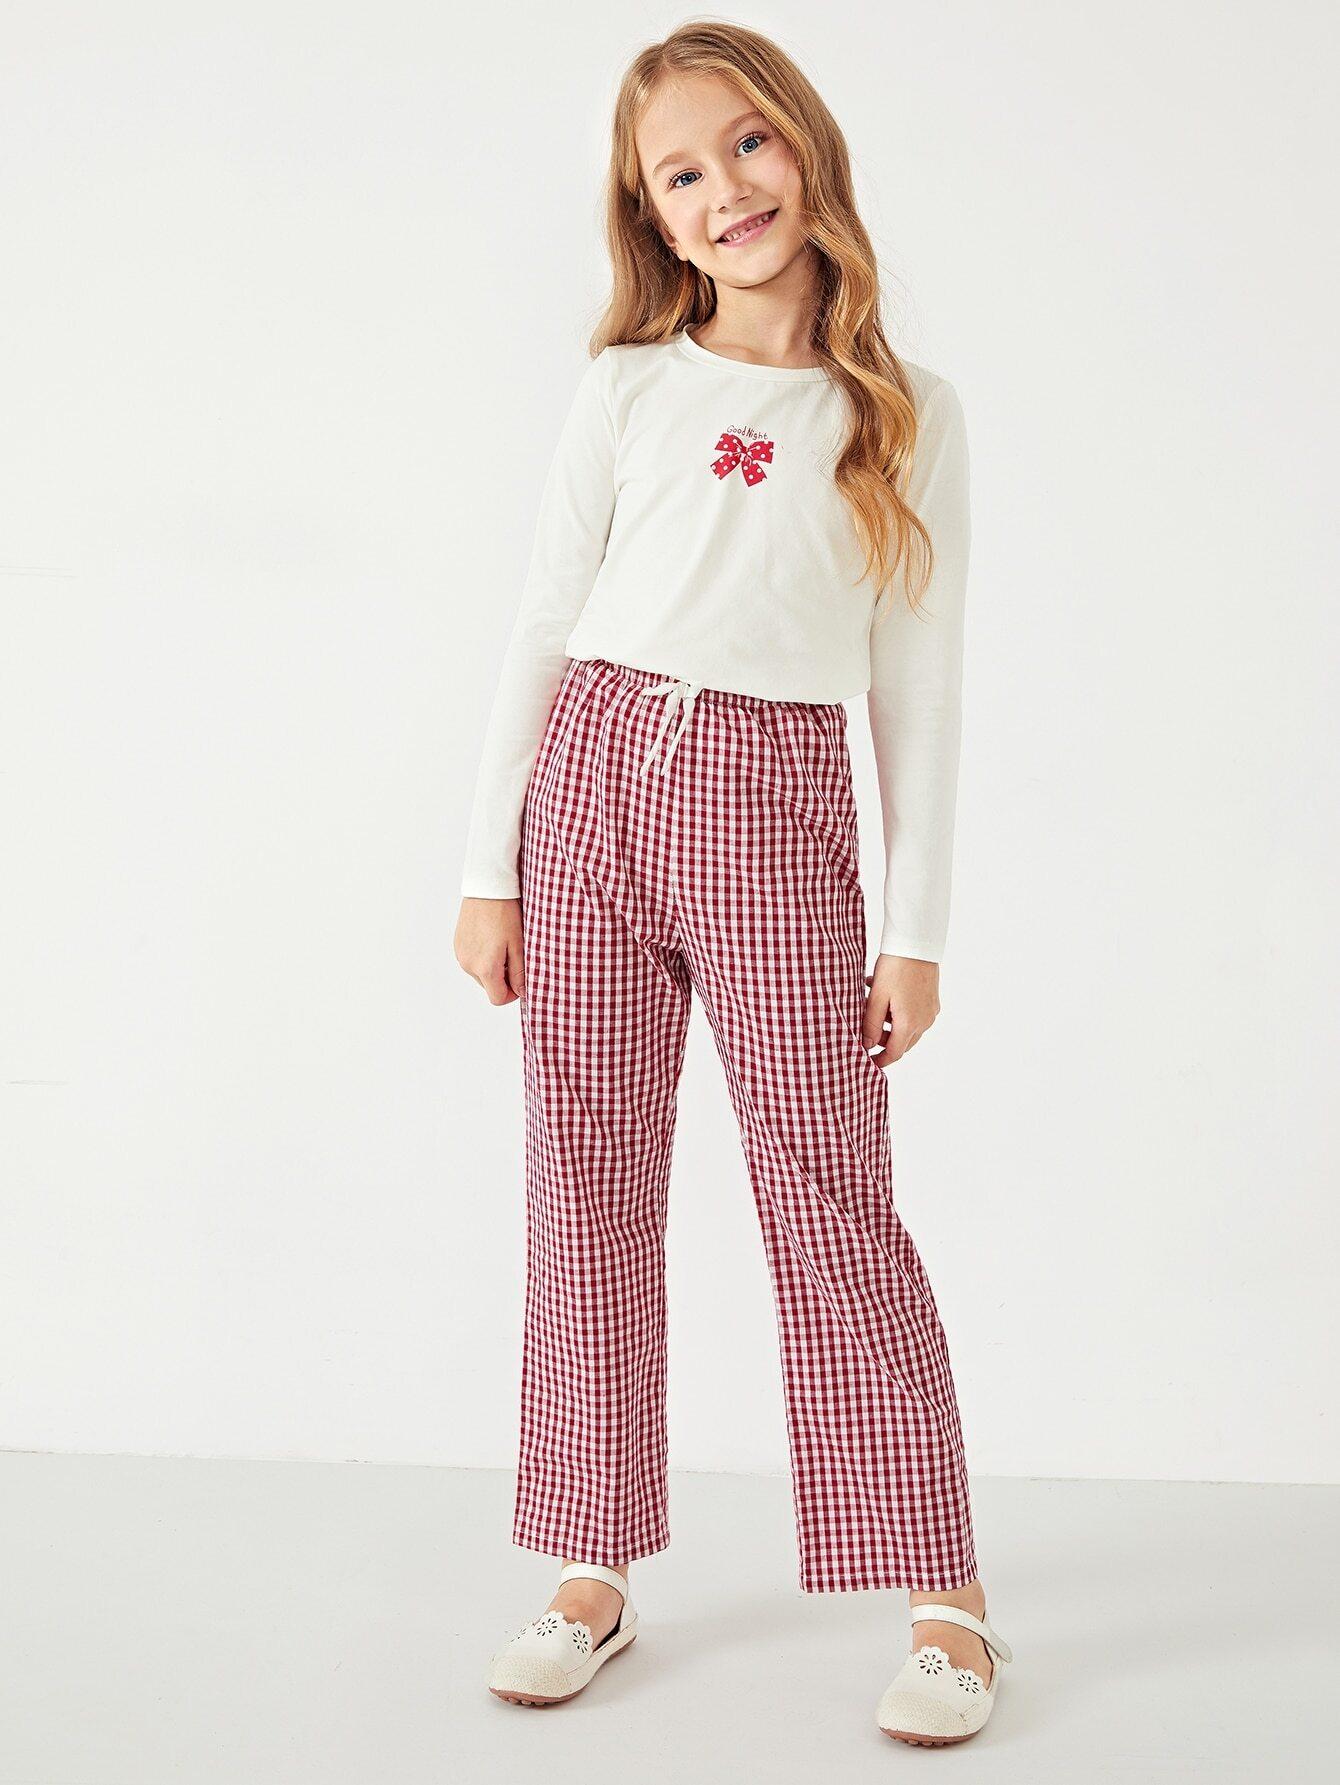 Футболка и брюки в клетку пижамы комплект для девочек от SheIn